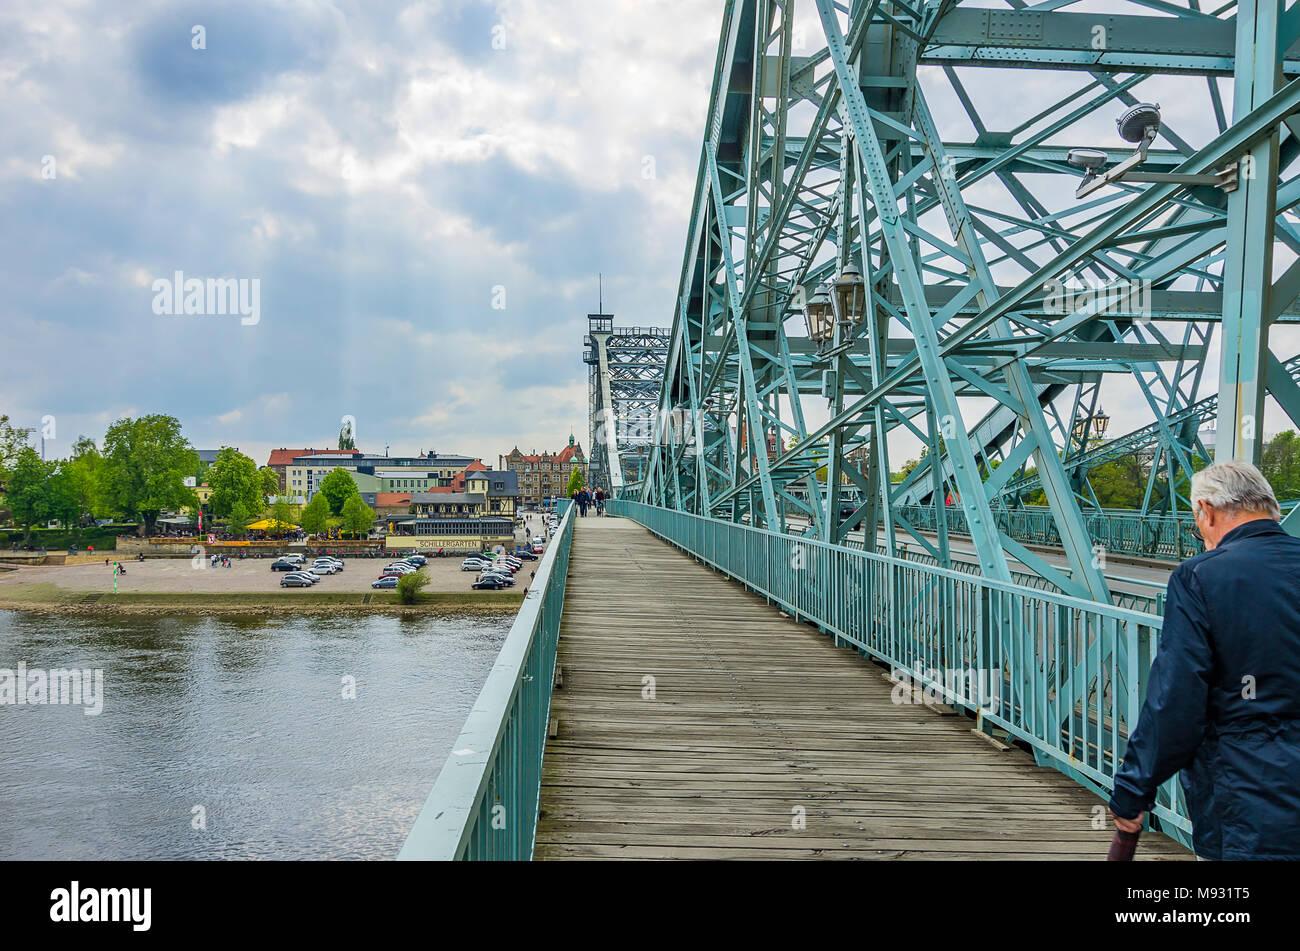 Auf das Blaue Wunder Brücke mit Blick auf den Stadtteil Blasewitz, Dresden, Sachsen, Deutschland. Stockbild